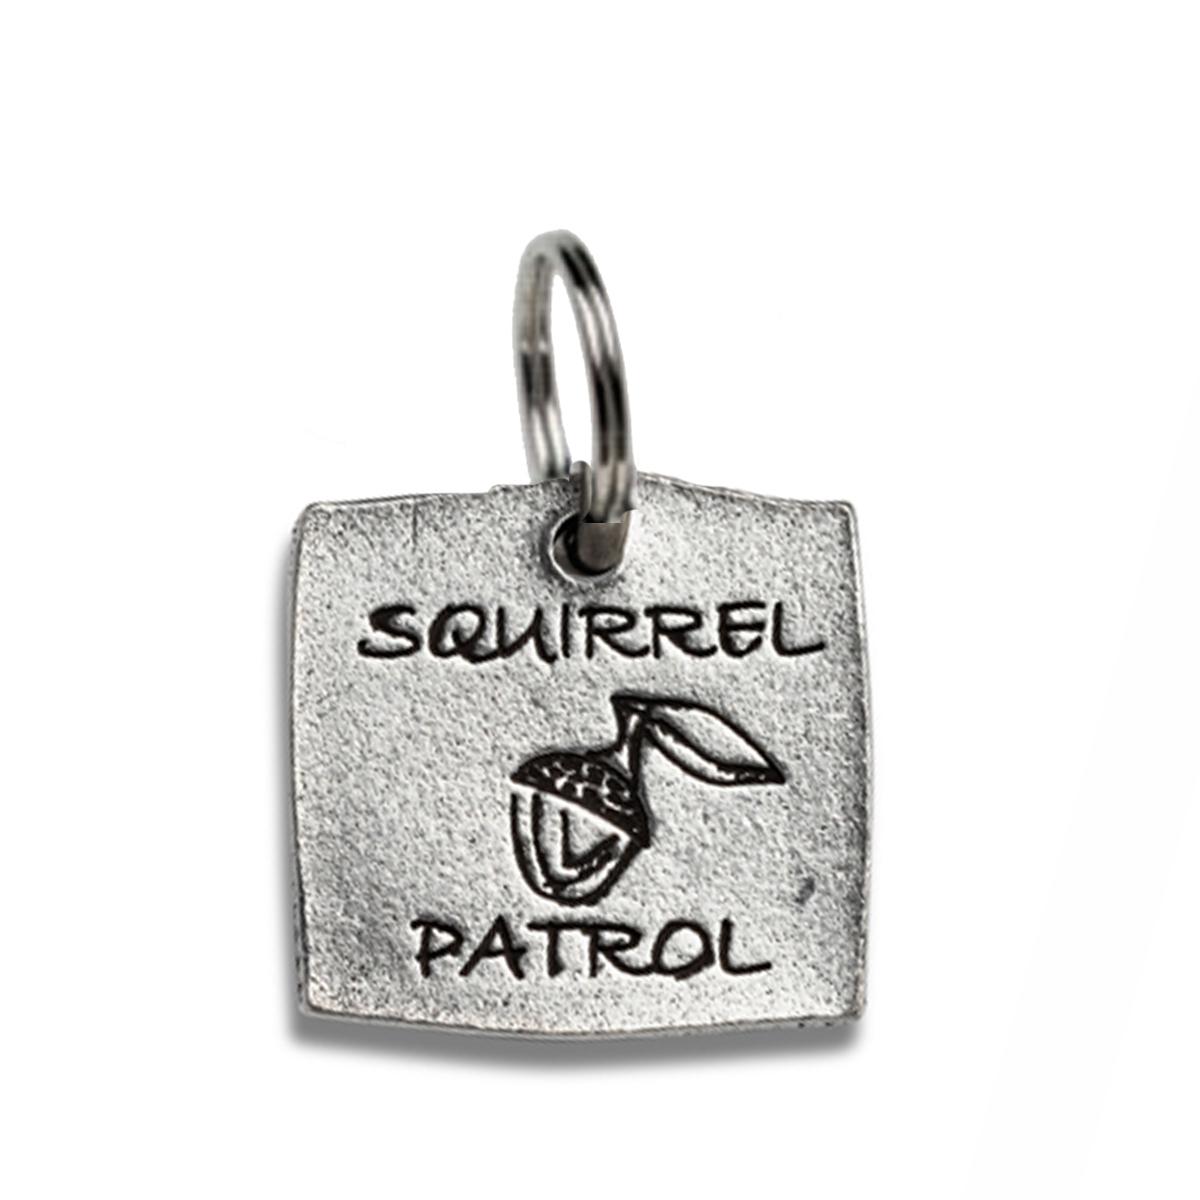 Pewter Dog Collar Charm: Squirrel Patrol